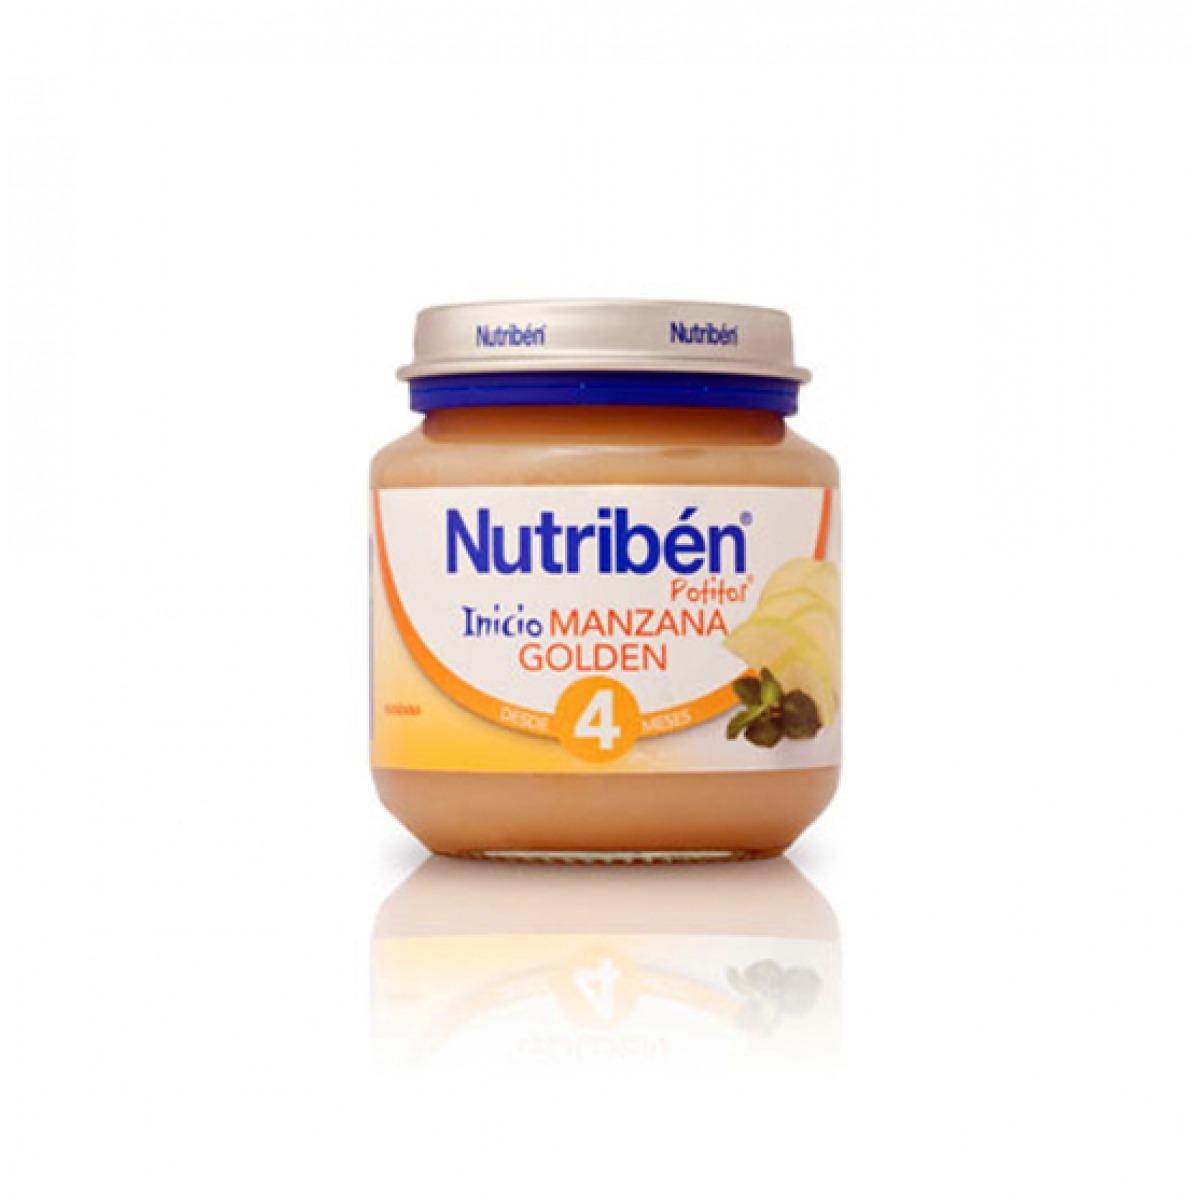 NUTRIBEN POTITO DE INCIO MANZANA GOLDEN 130 G.